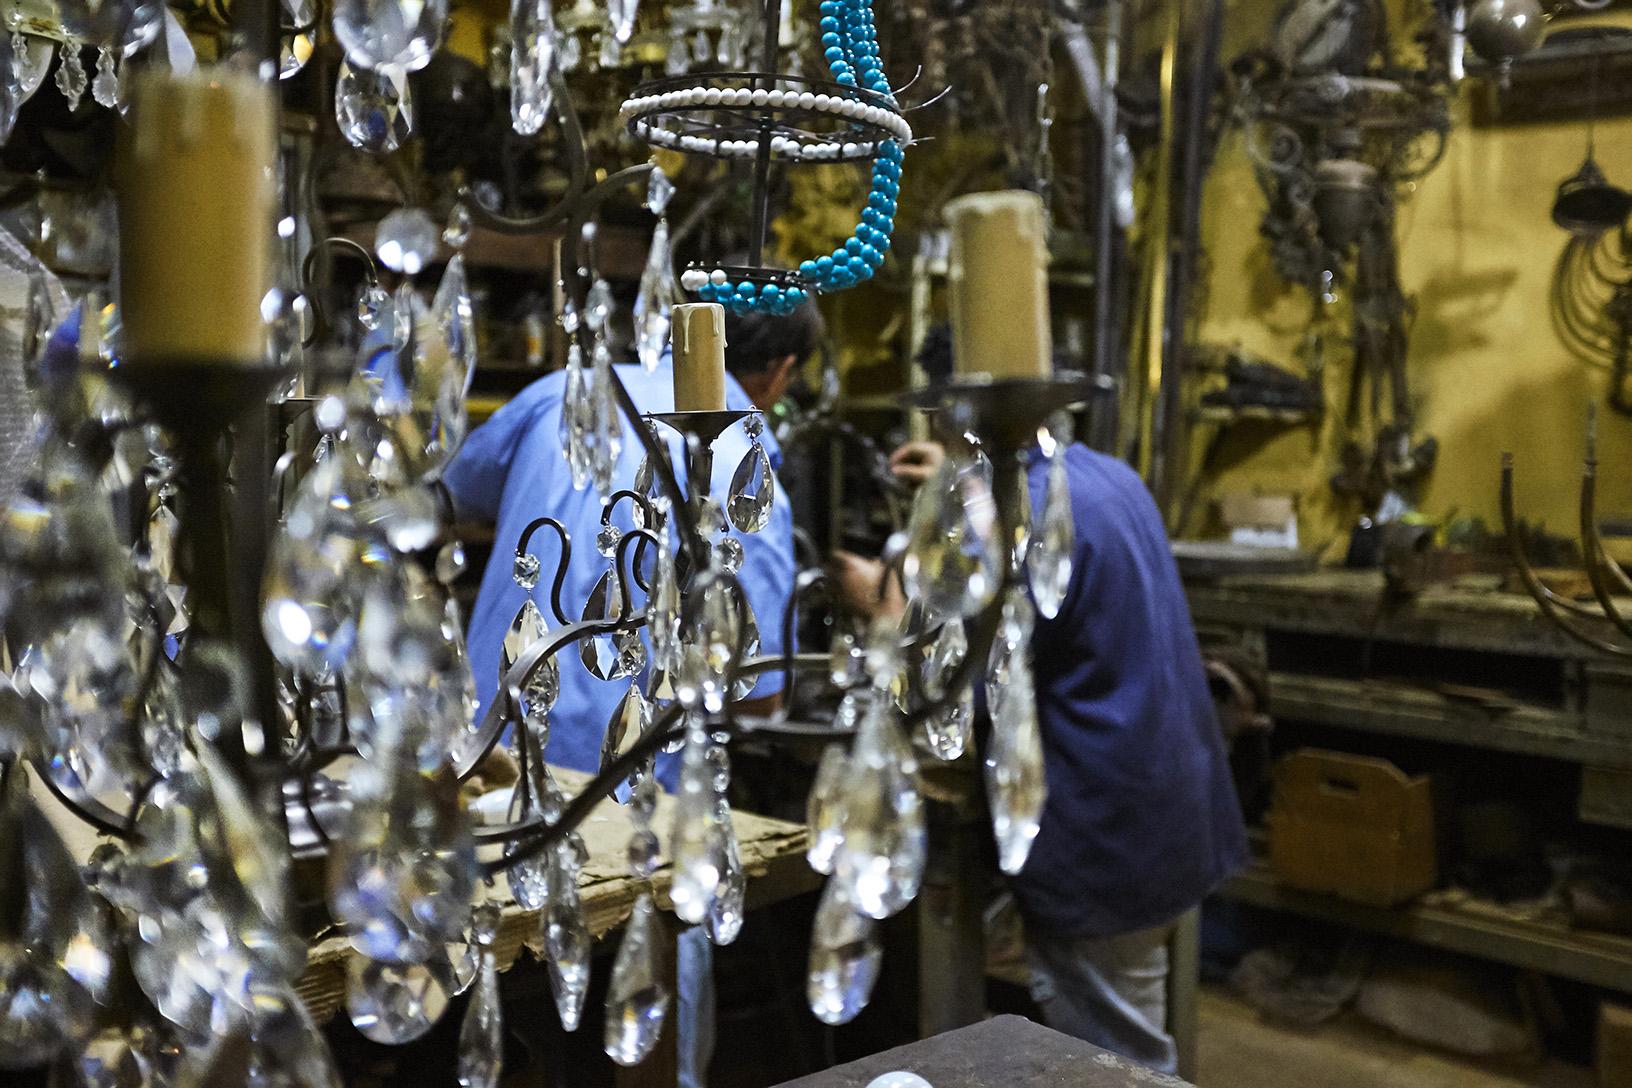 Um lustre de cristal espera ser atendido na oficina